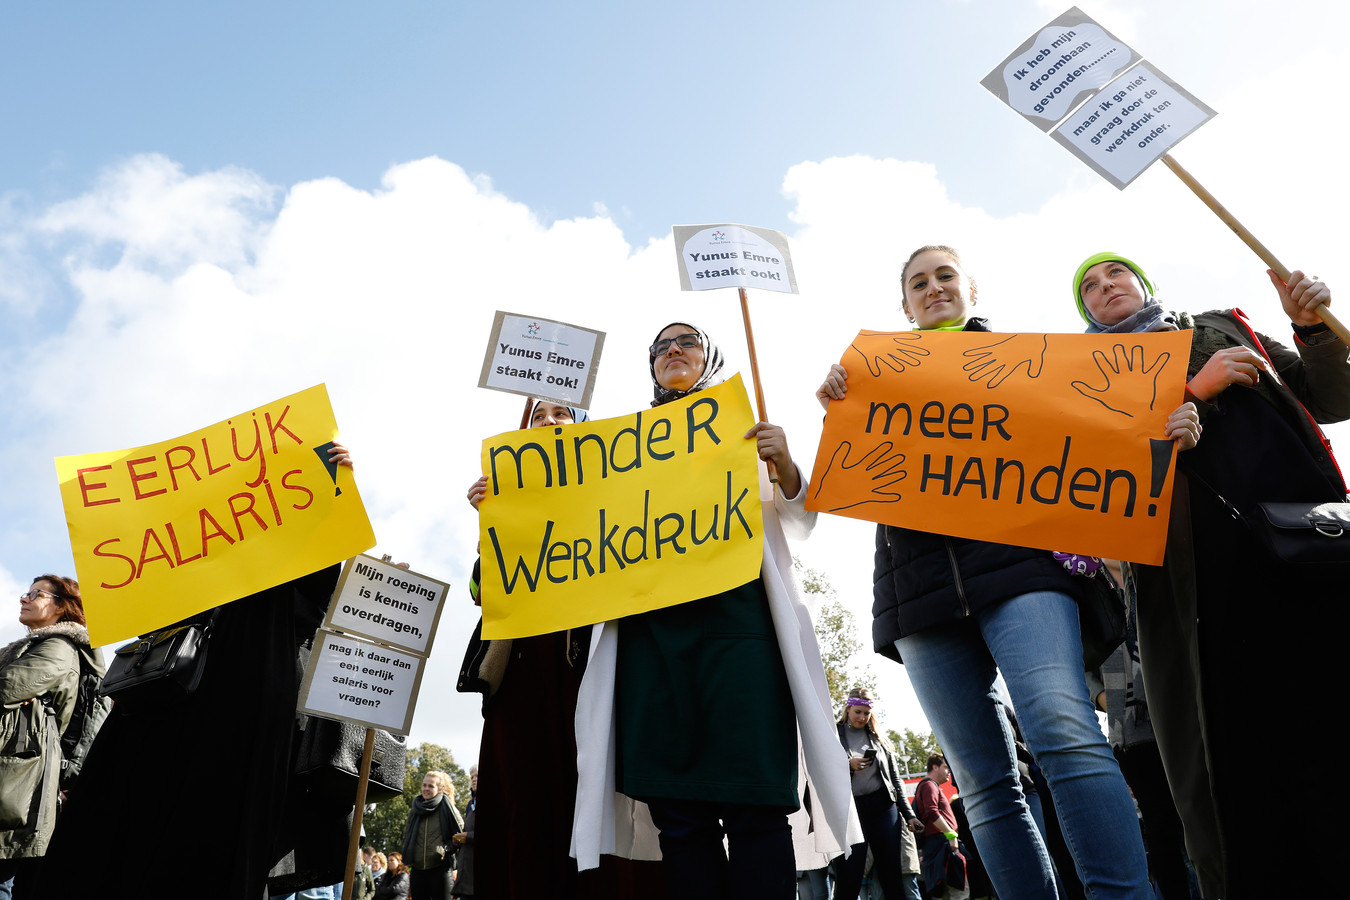 Basisschoolleraren tijdens de protestmanifestatie in het Zuiderpark. Leraren van het basisonderwijs staken omdat zij ontevreden zijn over hun te lage salaris en te hoge werkdruk. ANP BAS CZERWINSKI